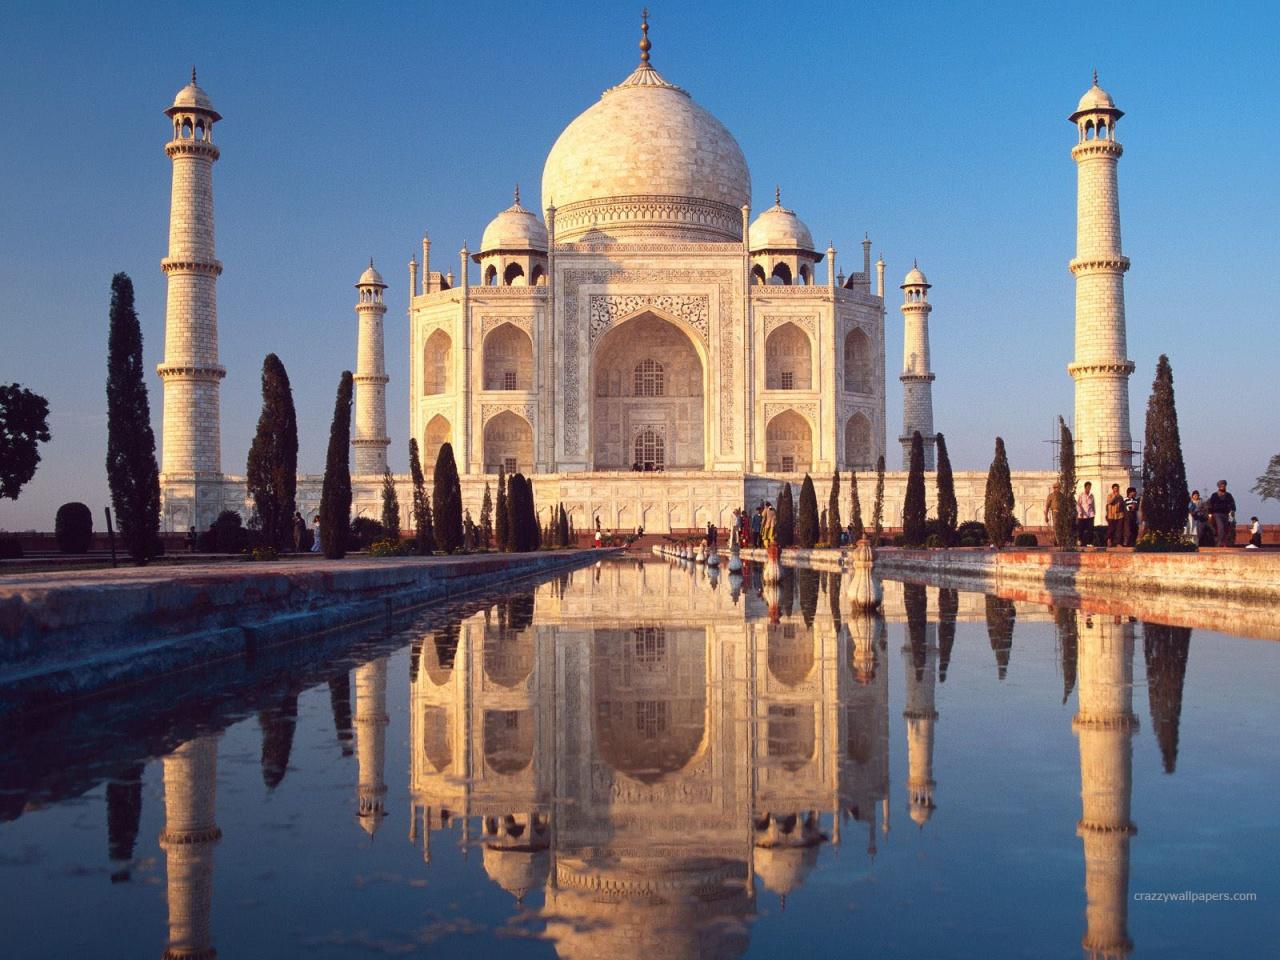 Taj Mahal Agra India HD Wallpapers In Jpg Format For Free